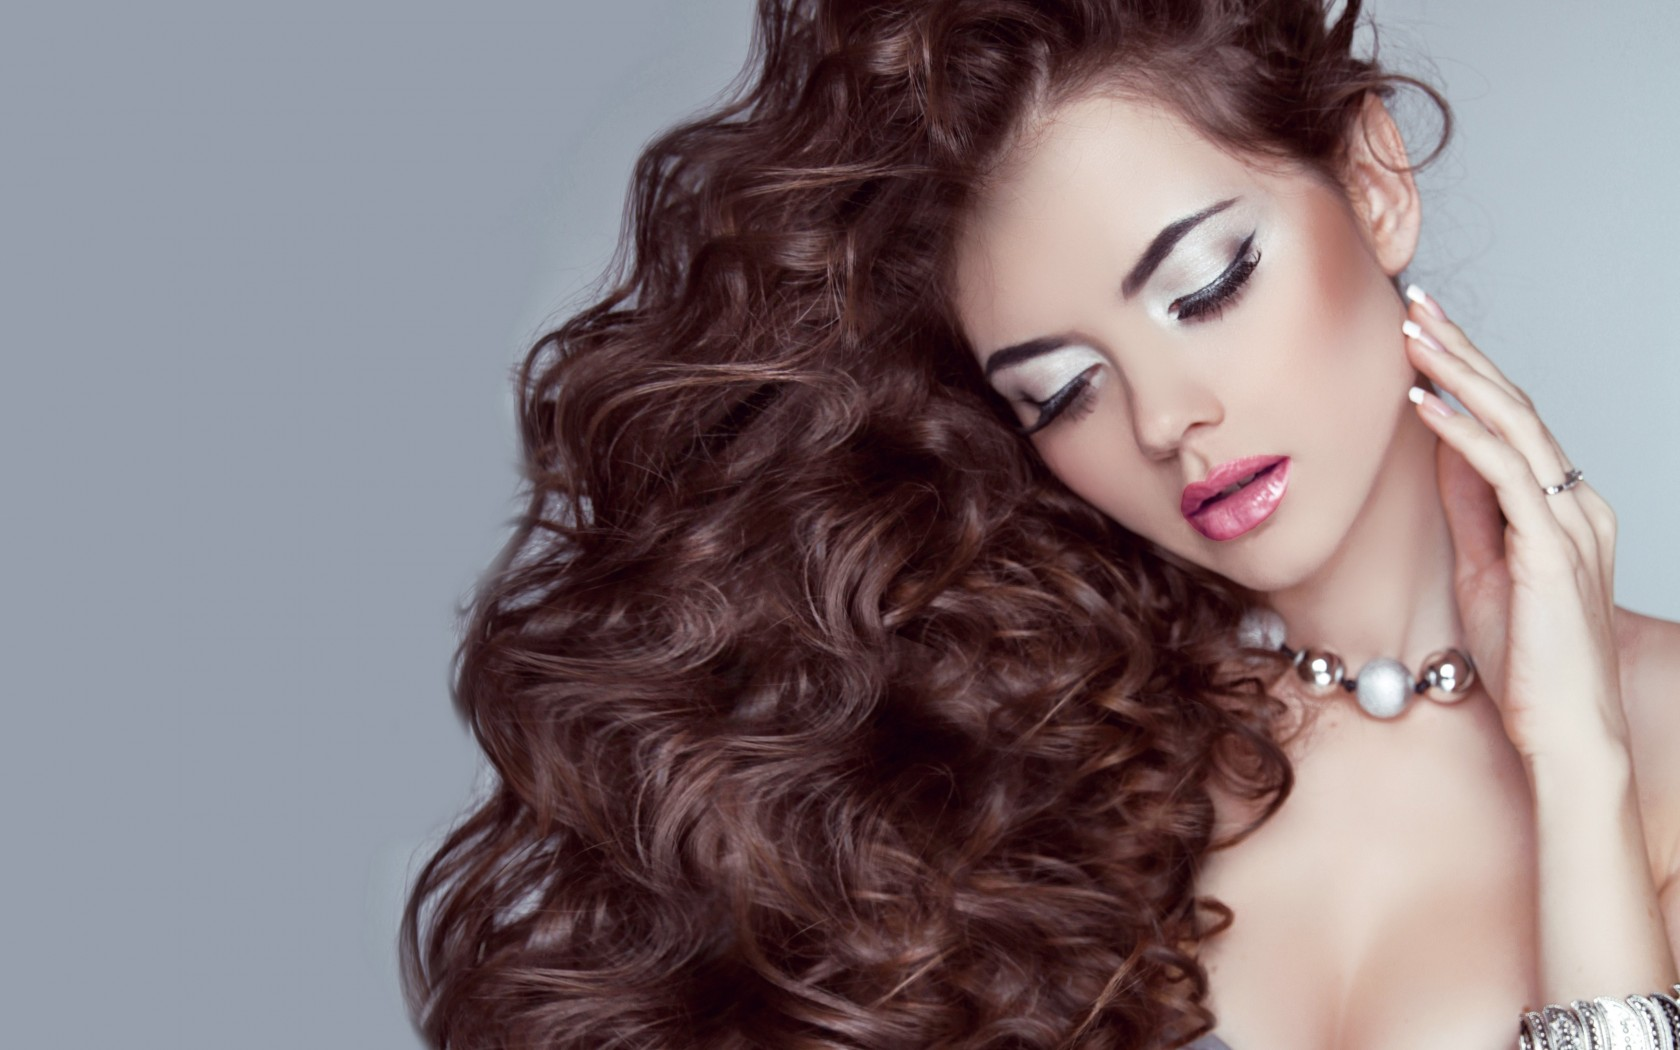 Массаж головы для бурного роста волос в домашних условиях (7 cпособов)